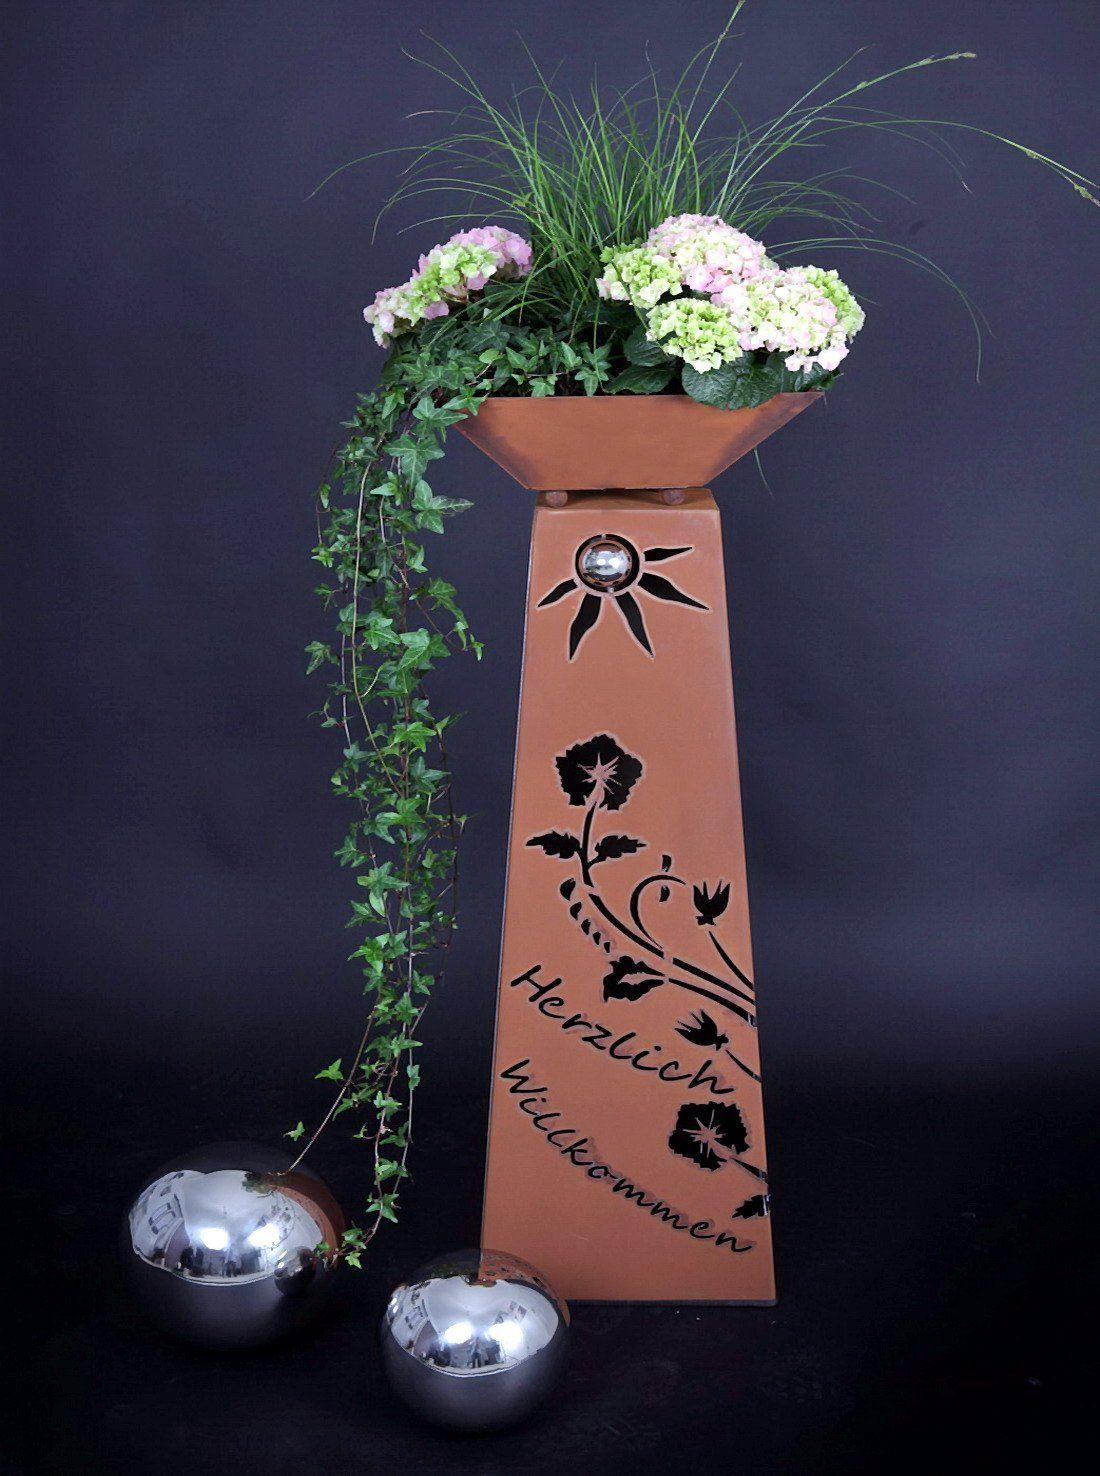 Rost Saule Schale Rs102 S11 Saulen Konisch Herzlich Willkommen Kostenloser Versand Gartensaulen Saulen Deko Blumen Amaz Saule Deko Deko Blumen Jabo Design